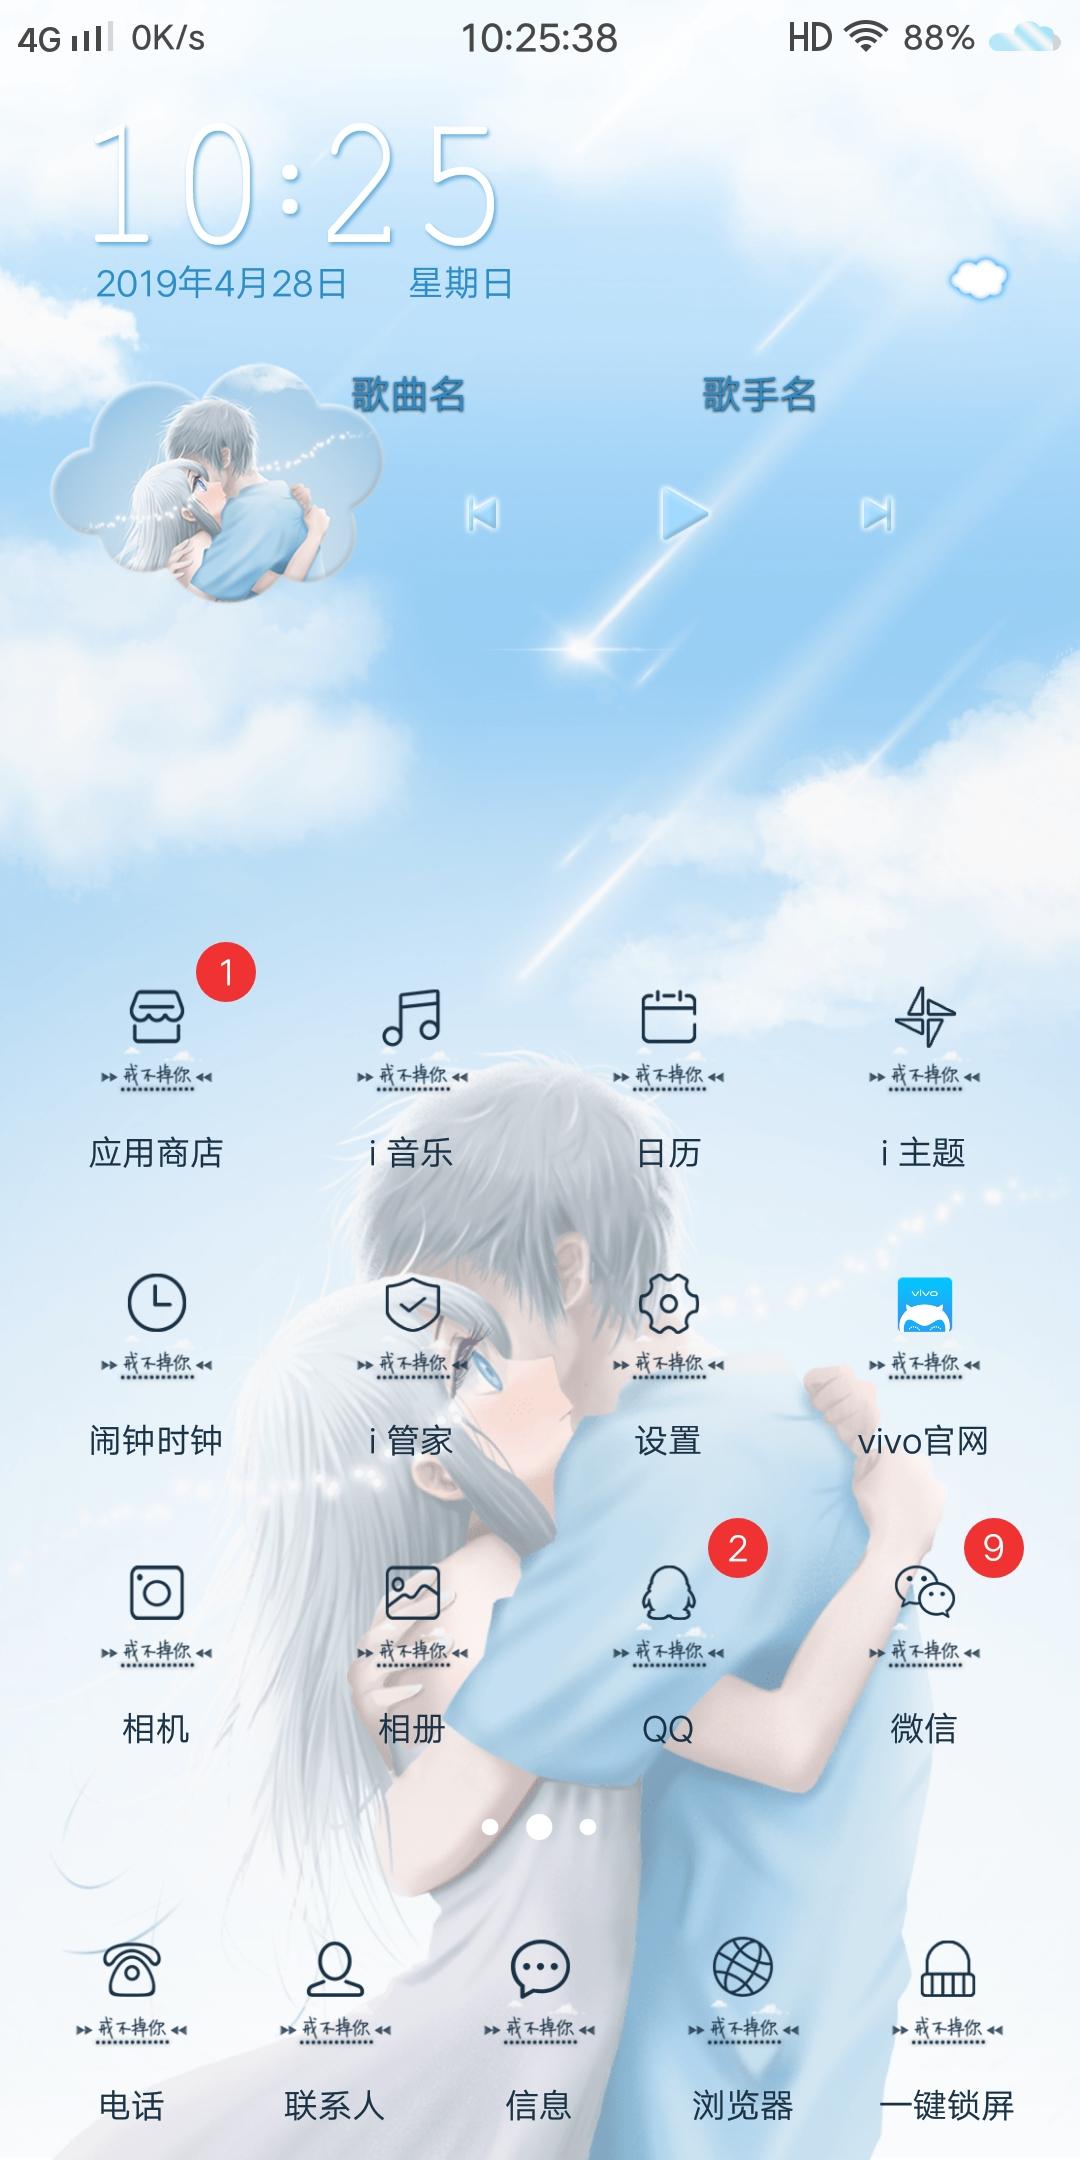 Screenshot_20190428_102538.jpg